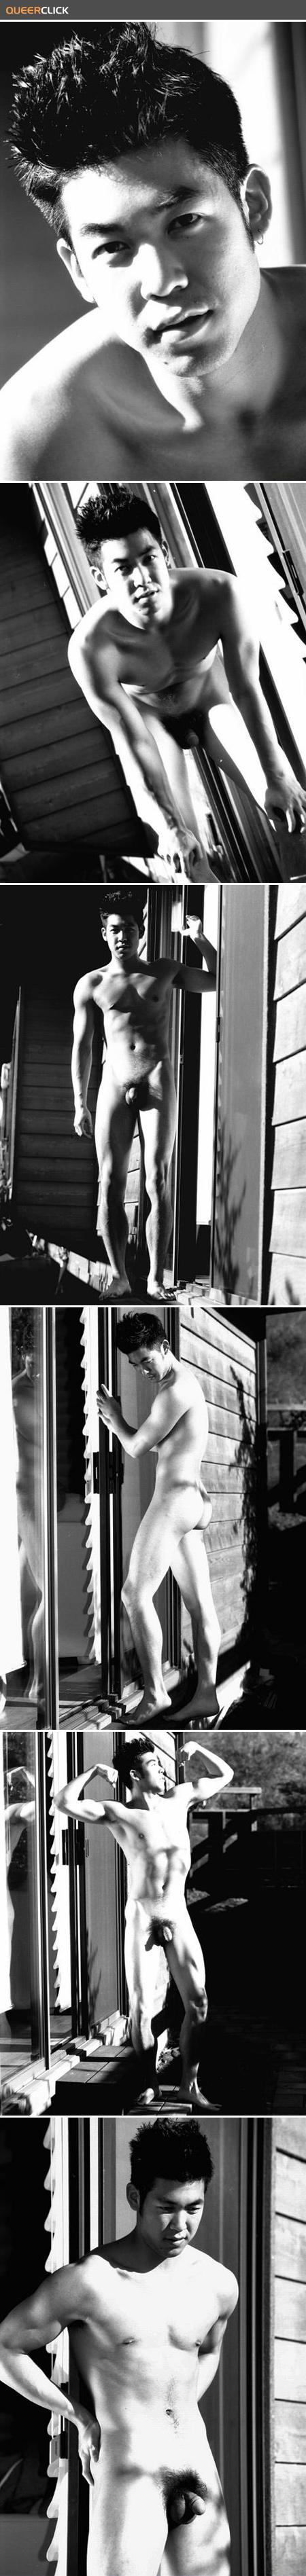 ☆ゲイが気になった画像を貼るスレ☆ Part.43 [無断転載禁止]©bbspink.comYouTube動画>14本 ->画像>2372枚